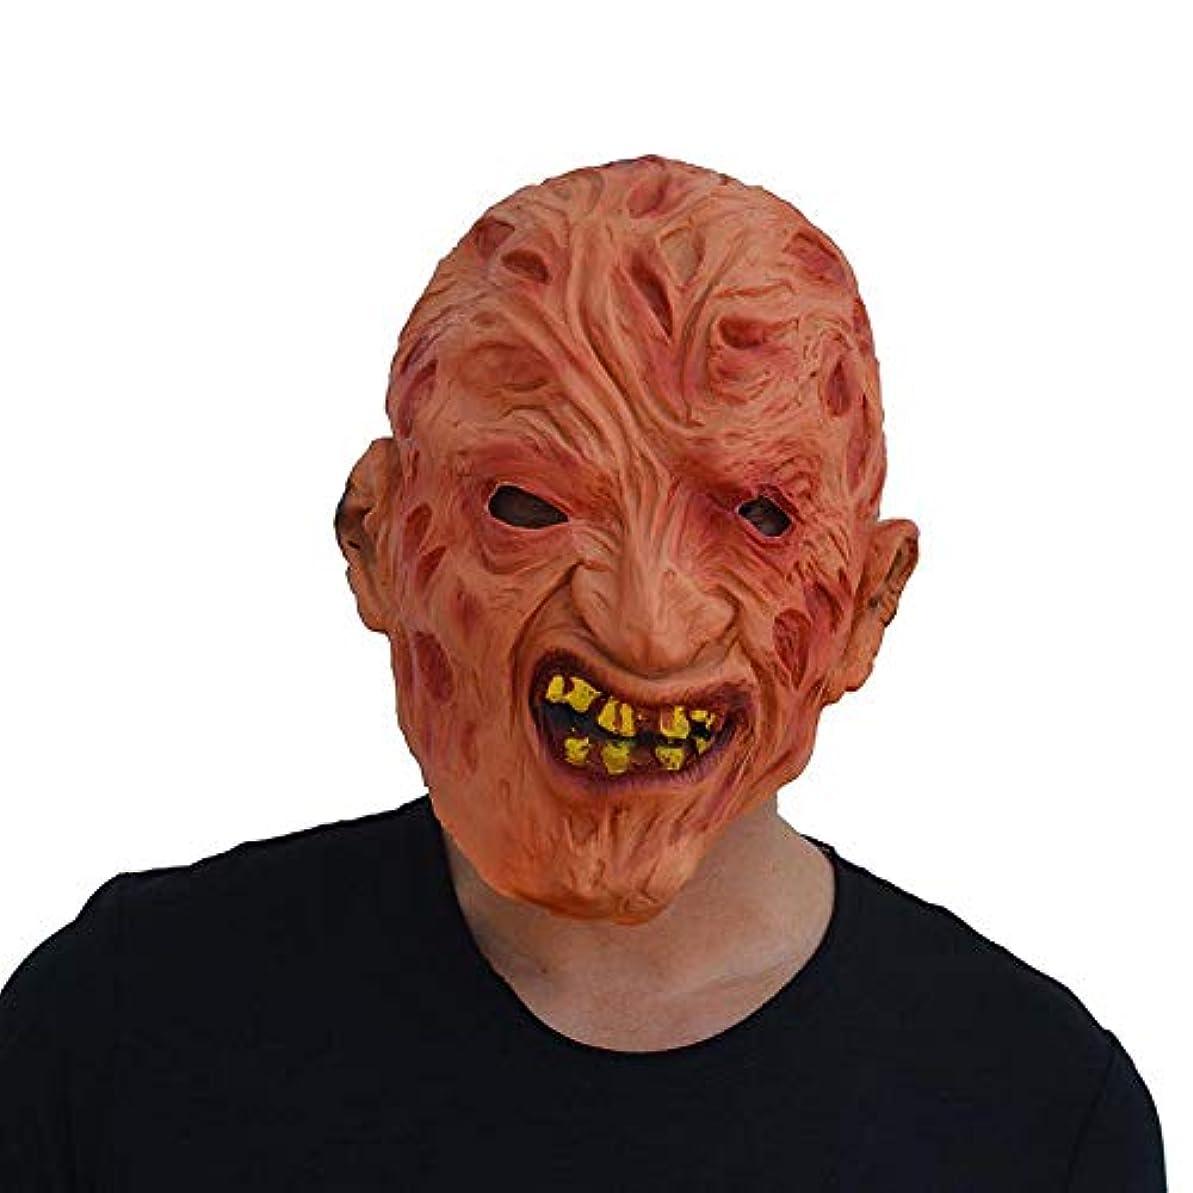 尊敬するアレルギー性納税者ハロウィンホラー腐った顔ゾンビマスクゴーストフェスティバルナイトクラブレイブパーティーマスク